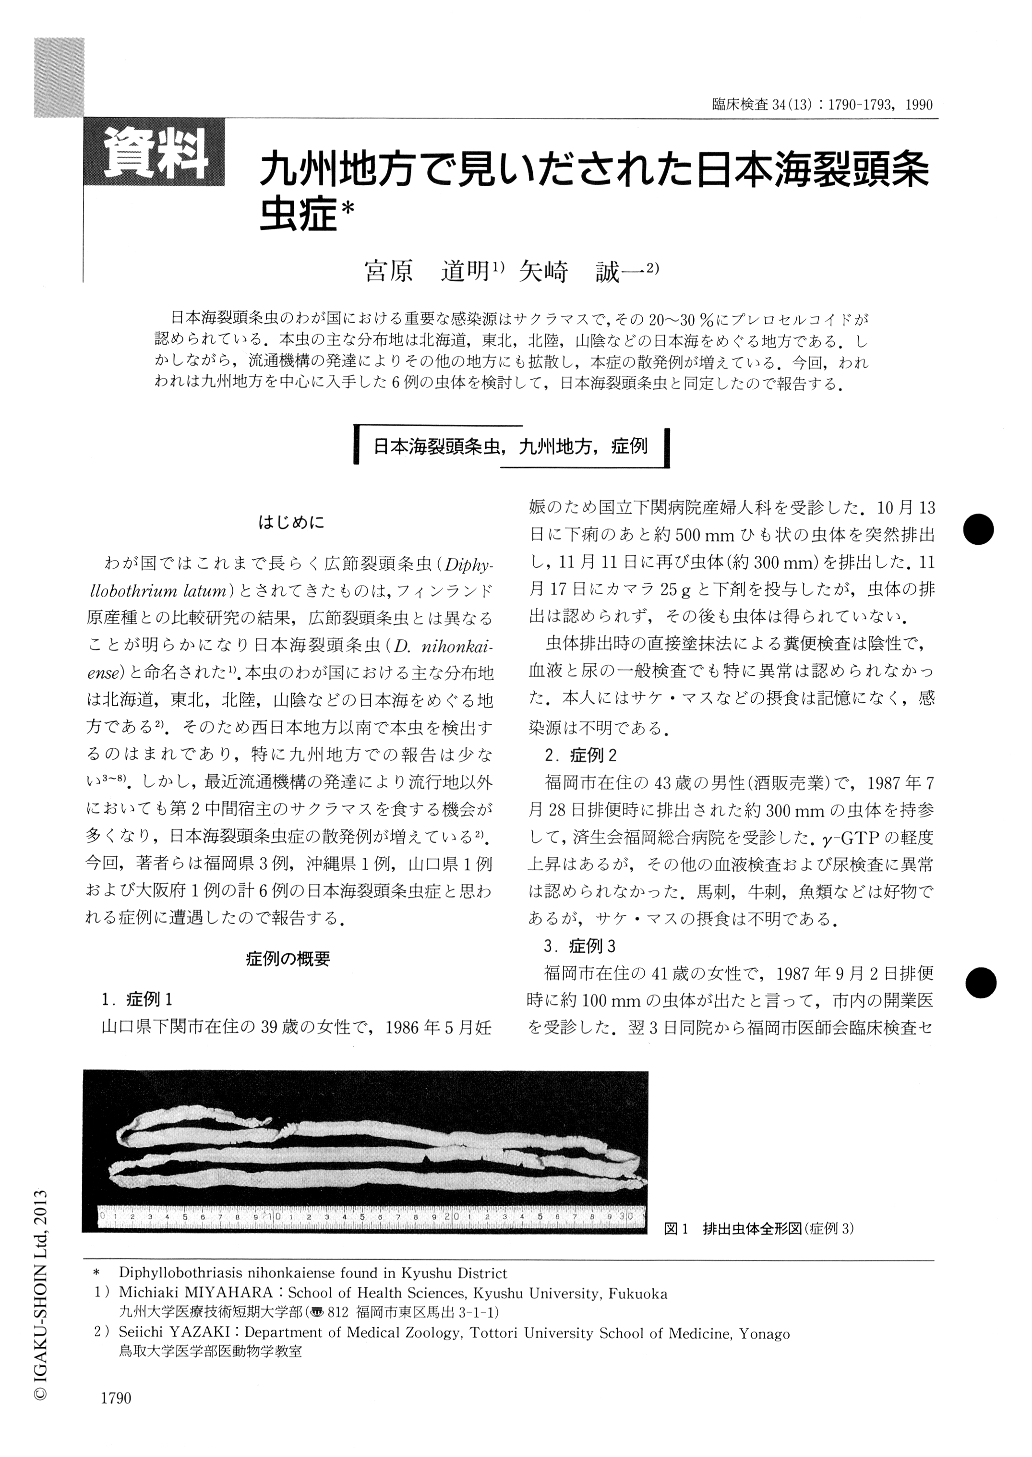 虫 日本 海 条 裂 頭 わが国における条虫症の発生状況